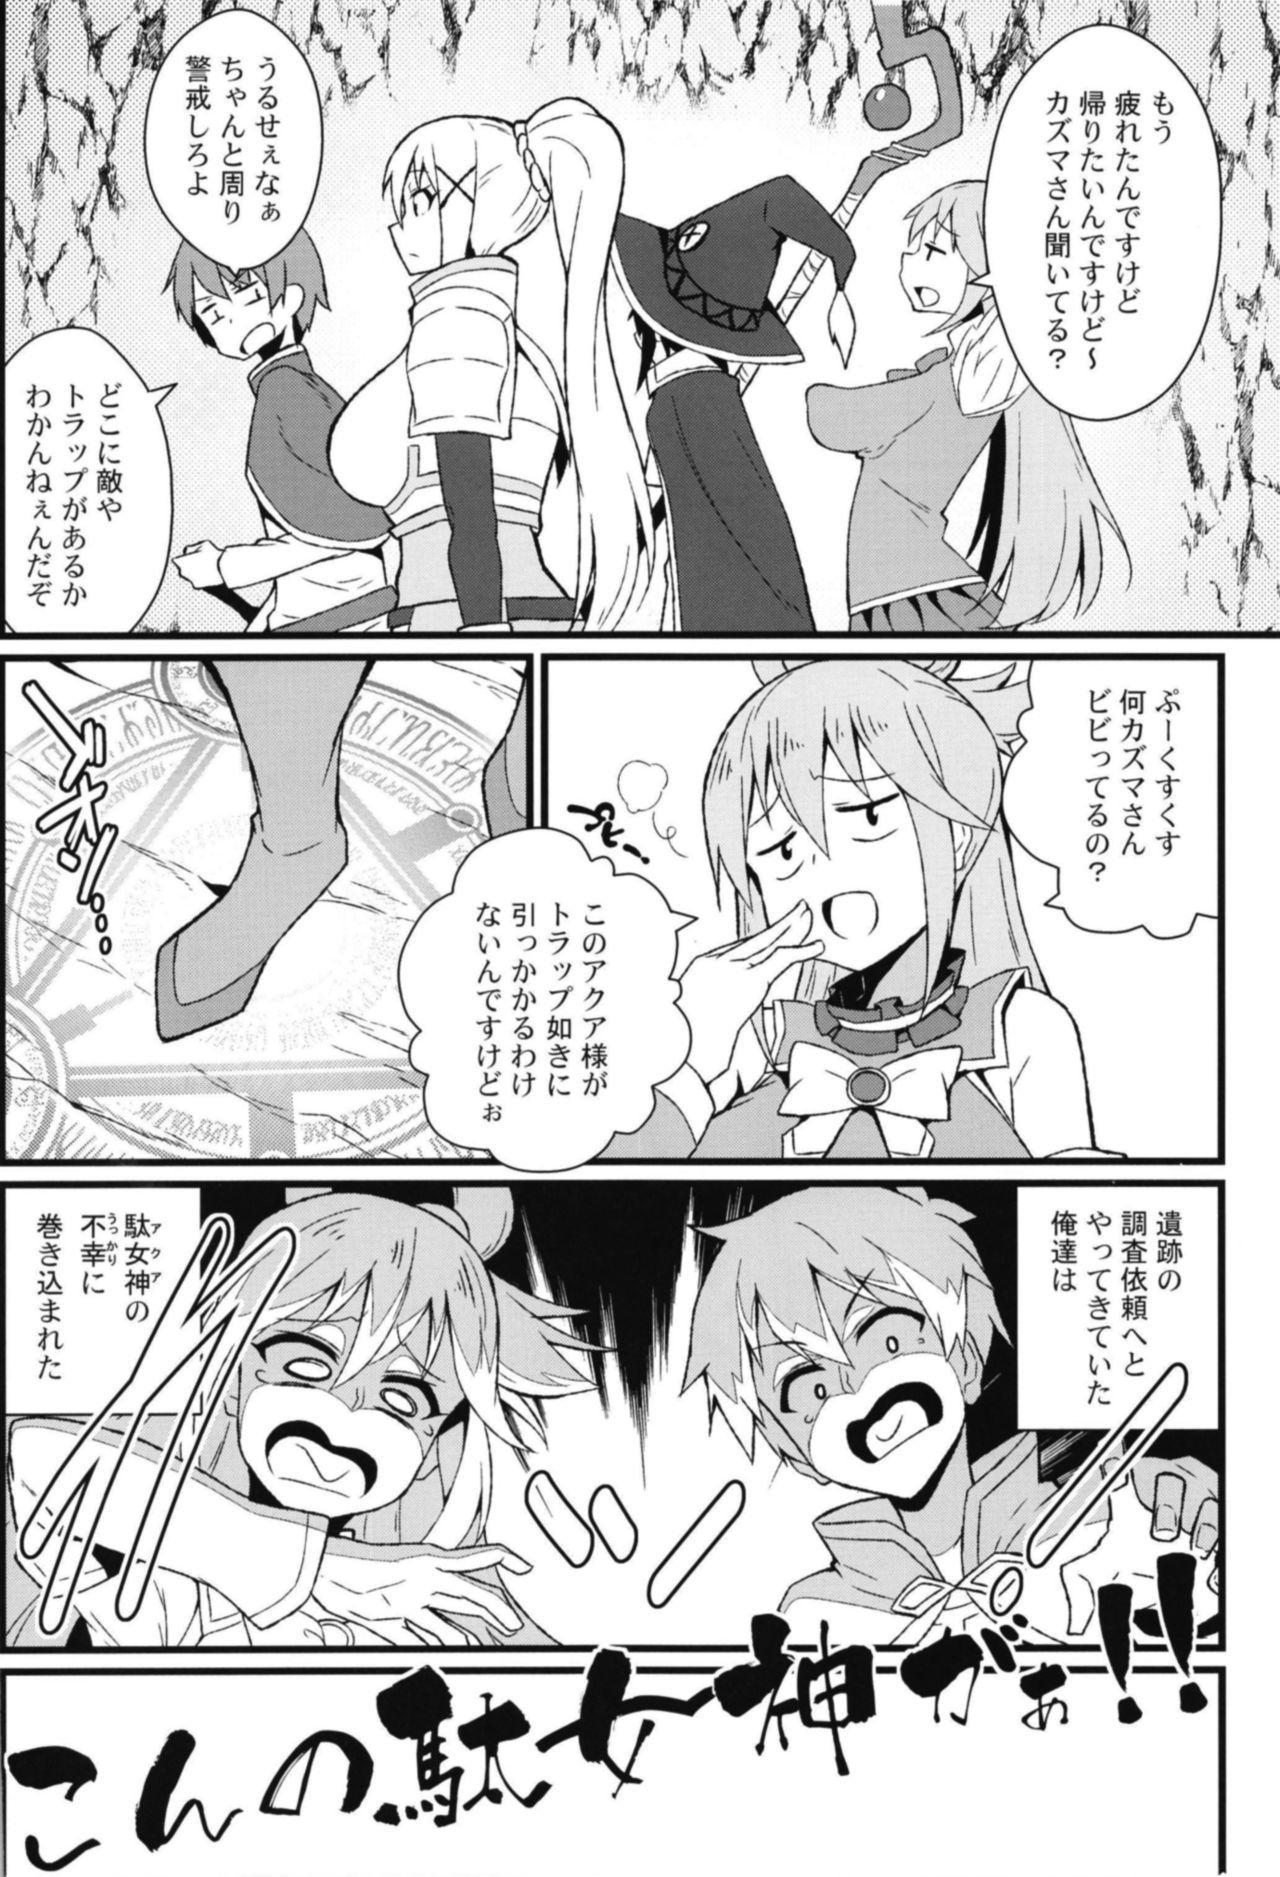 Kono Subarashii Wana de Darkness to! 2